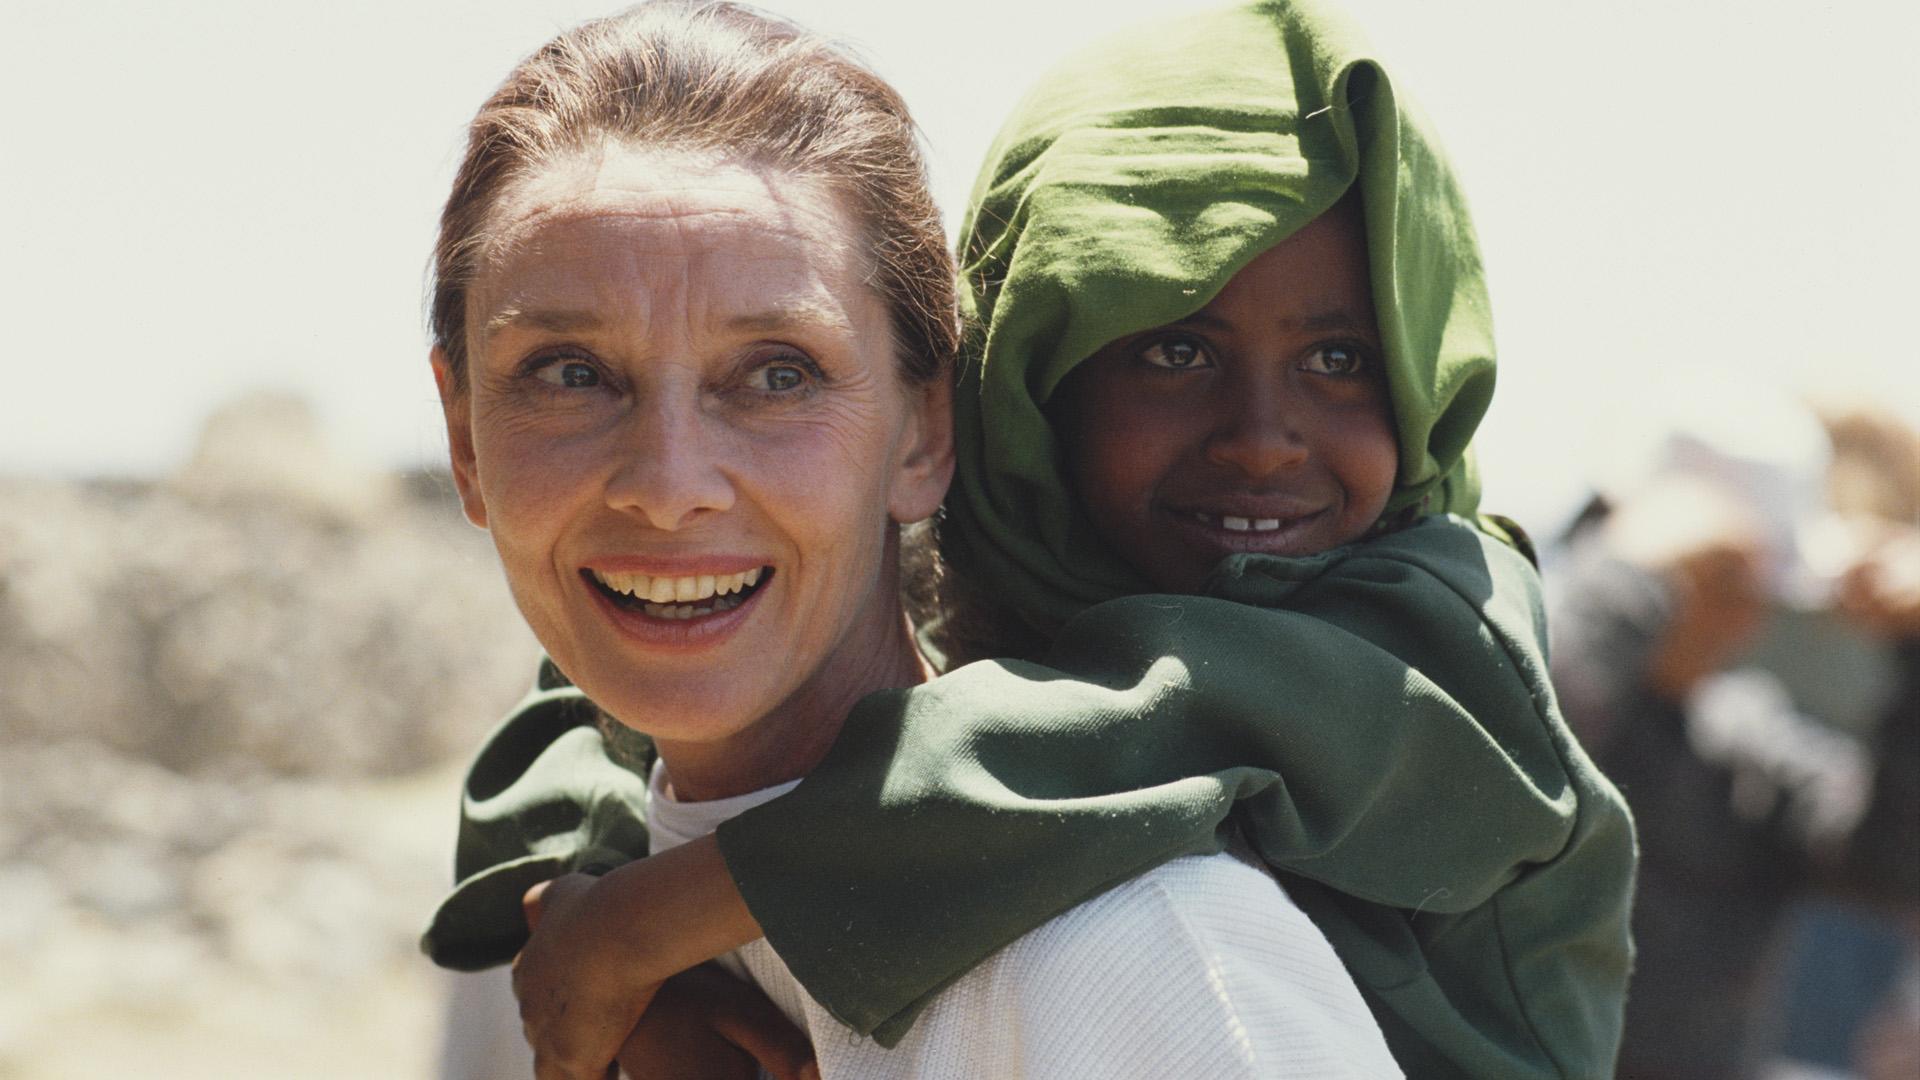 Hepburn George H. W. Bush elnöktől az Elnöki Szabadság-érdemrendet is megkapta humanitárius munkájáért